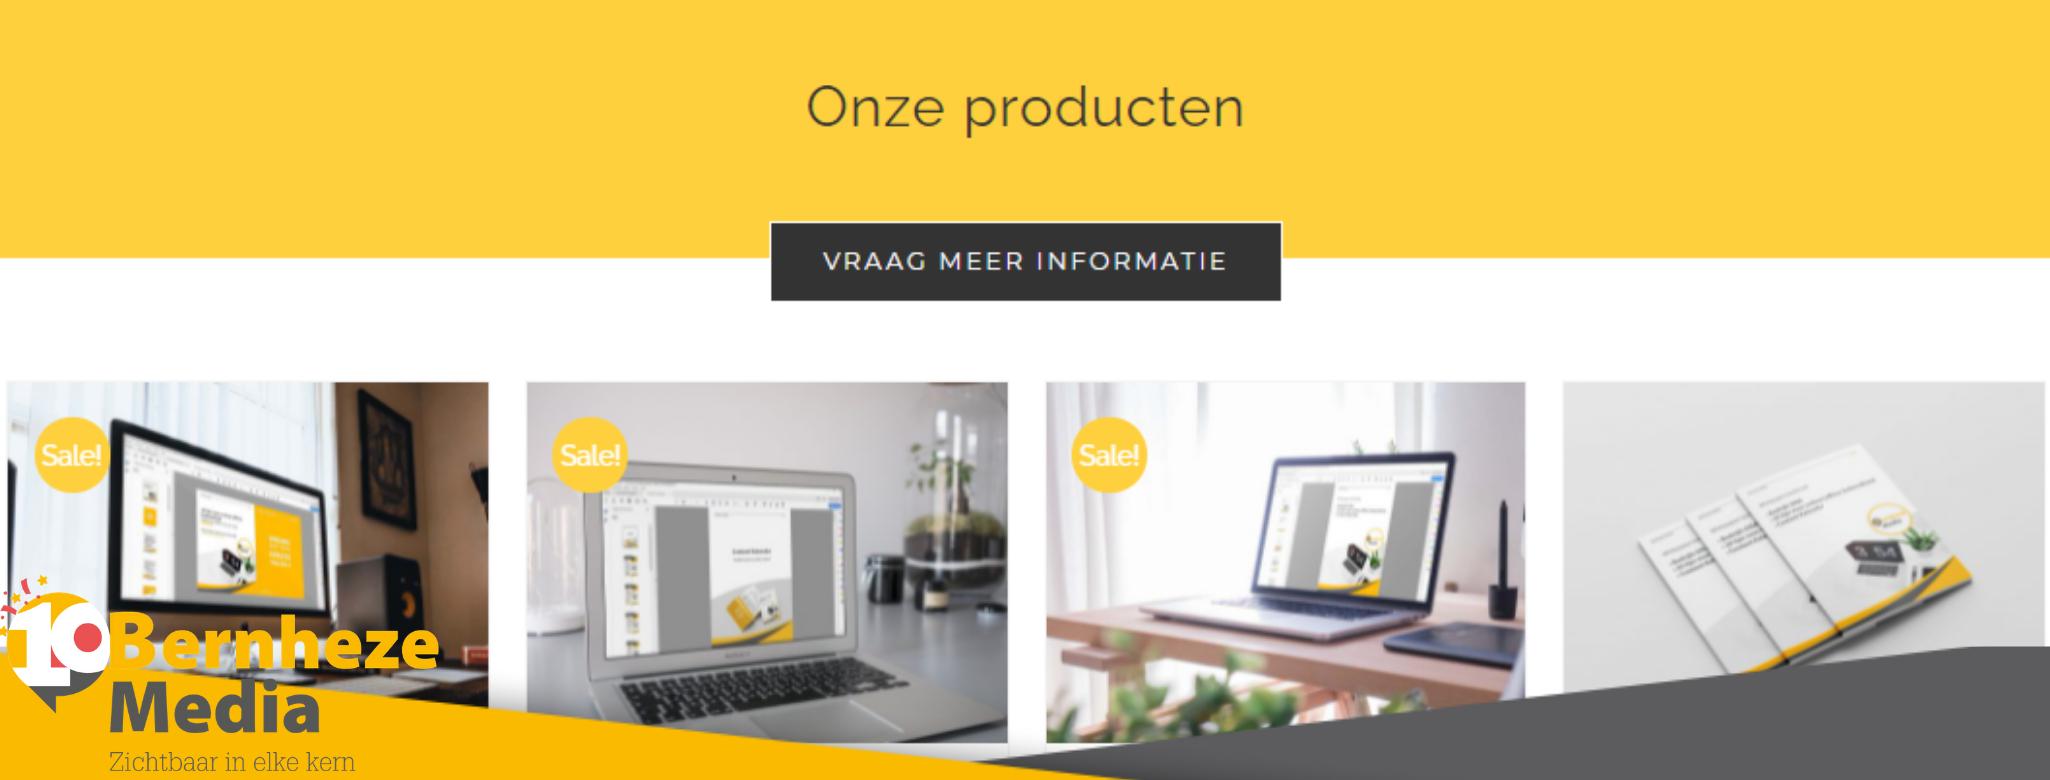 Diensten - Online producten